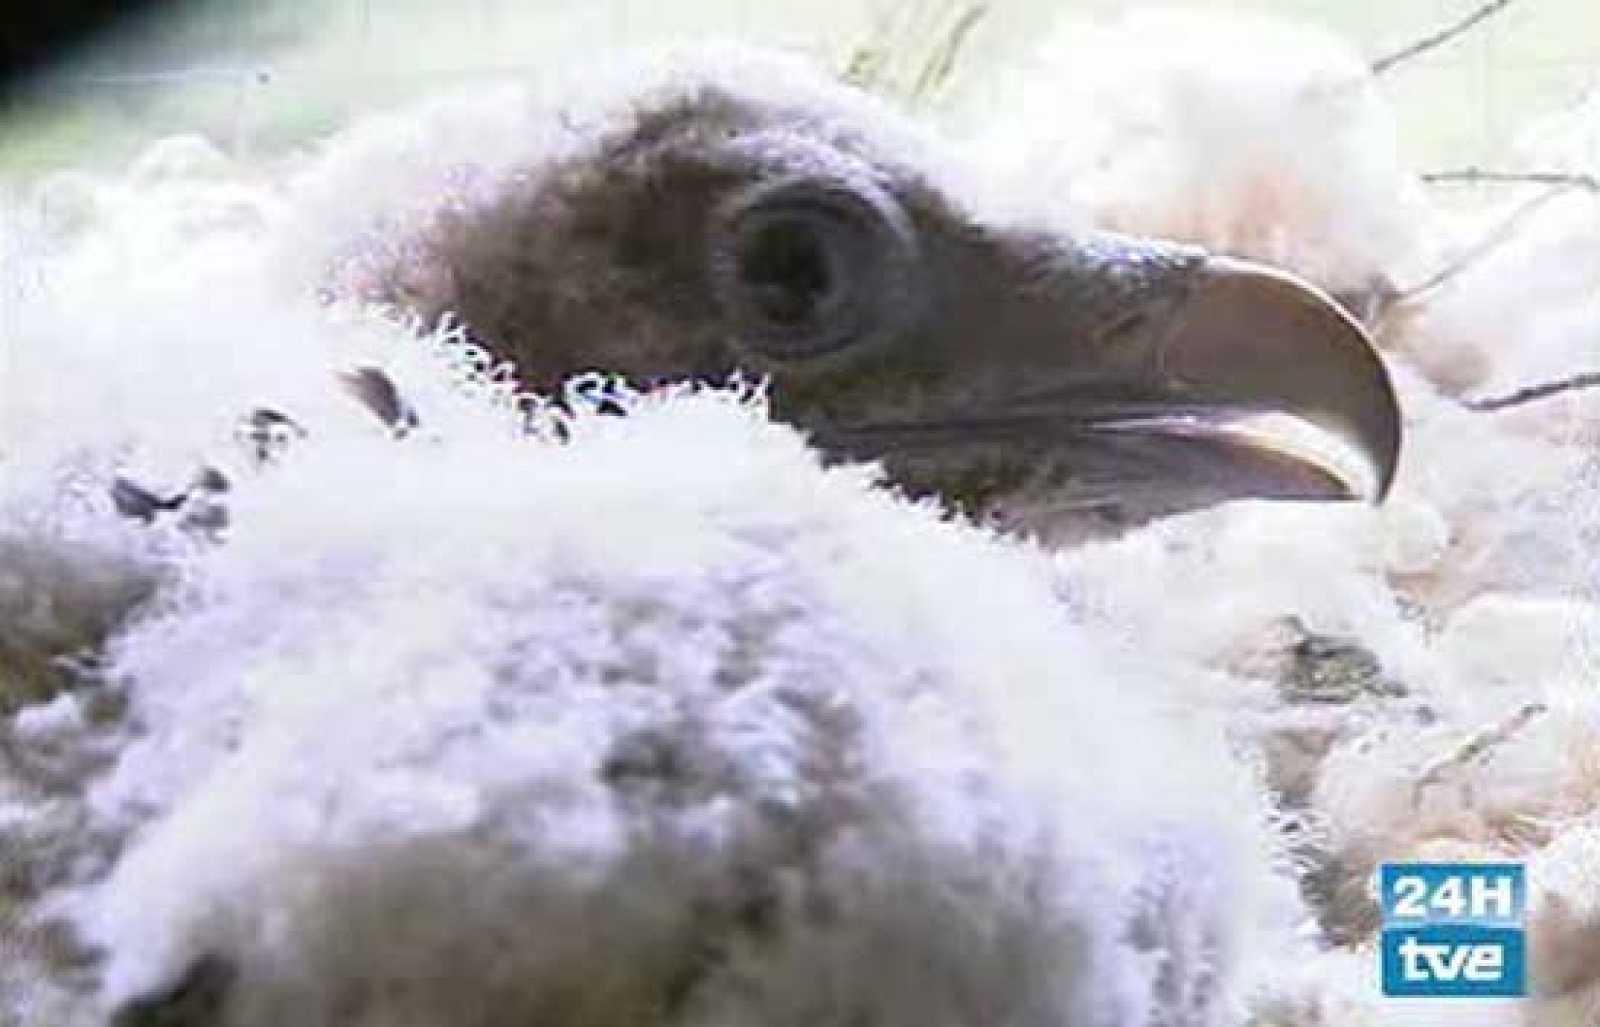 La mayor población de quebrantahuesos existente en Europa vive en el Pirinero Aragonés, donde se intenta recuperar esta rapaz en peligro de extinción. Ya se ha conseguido críar a cuatro polluelos en cautividad (24/05/08).